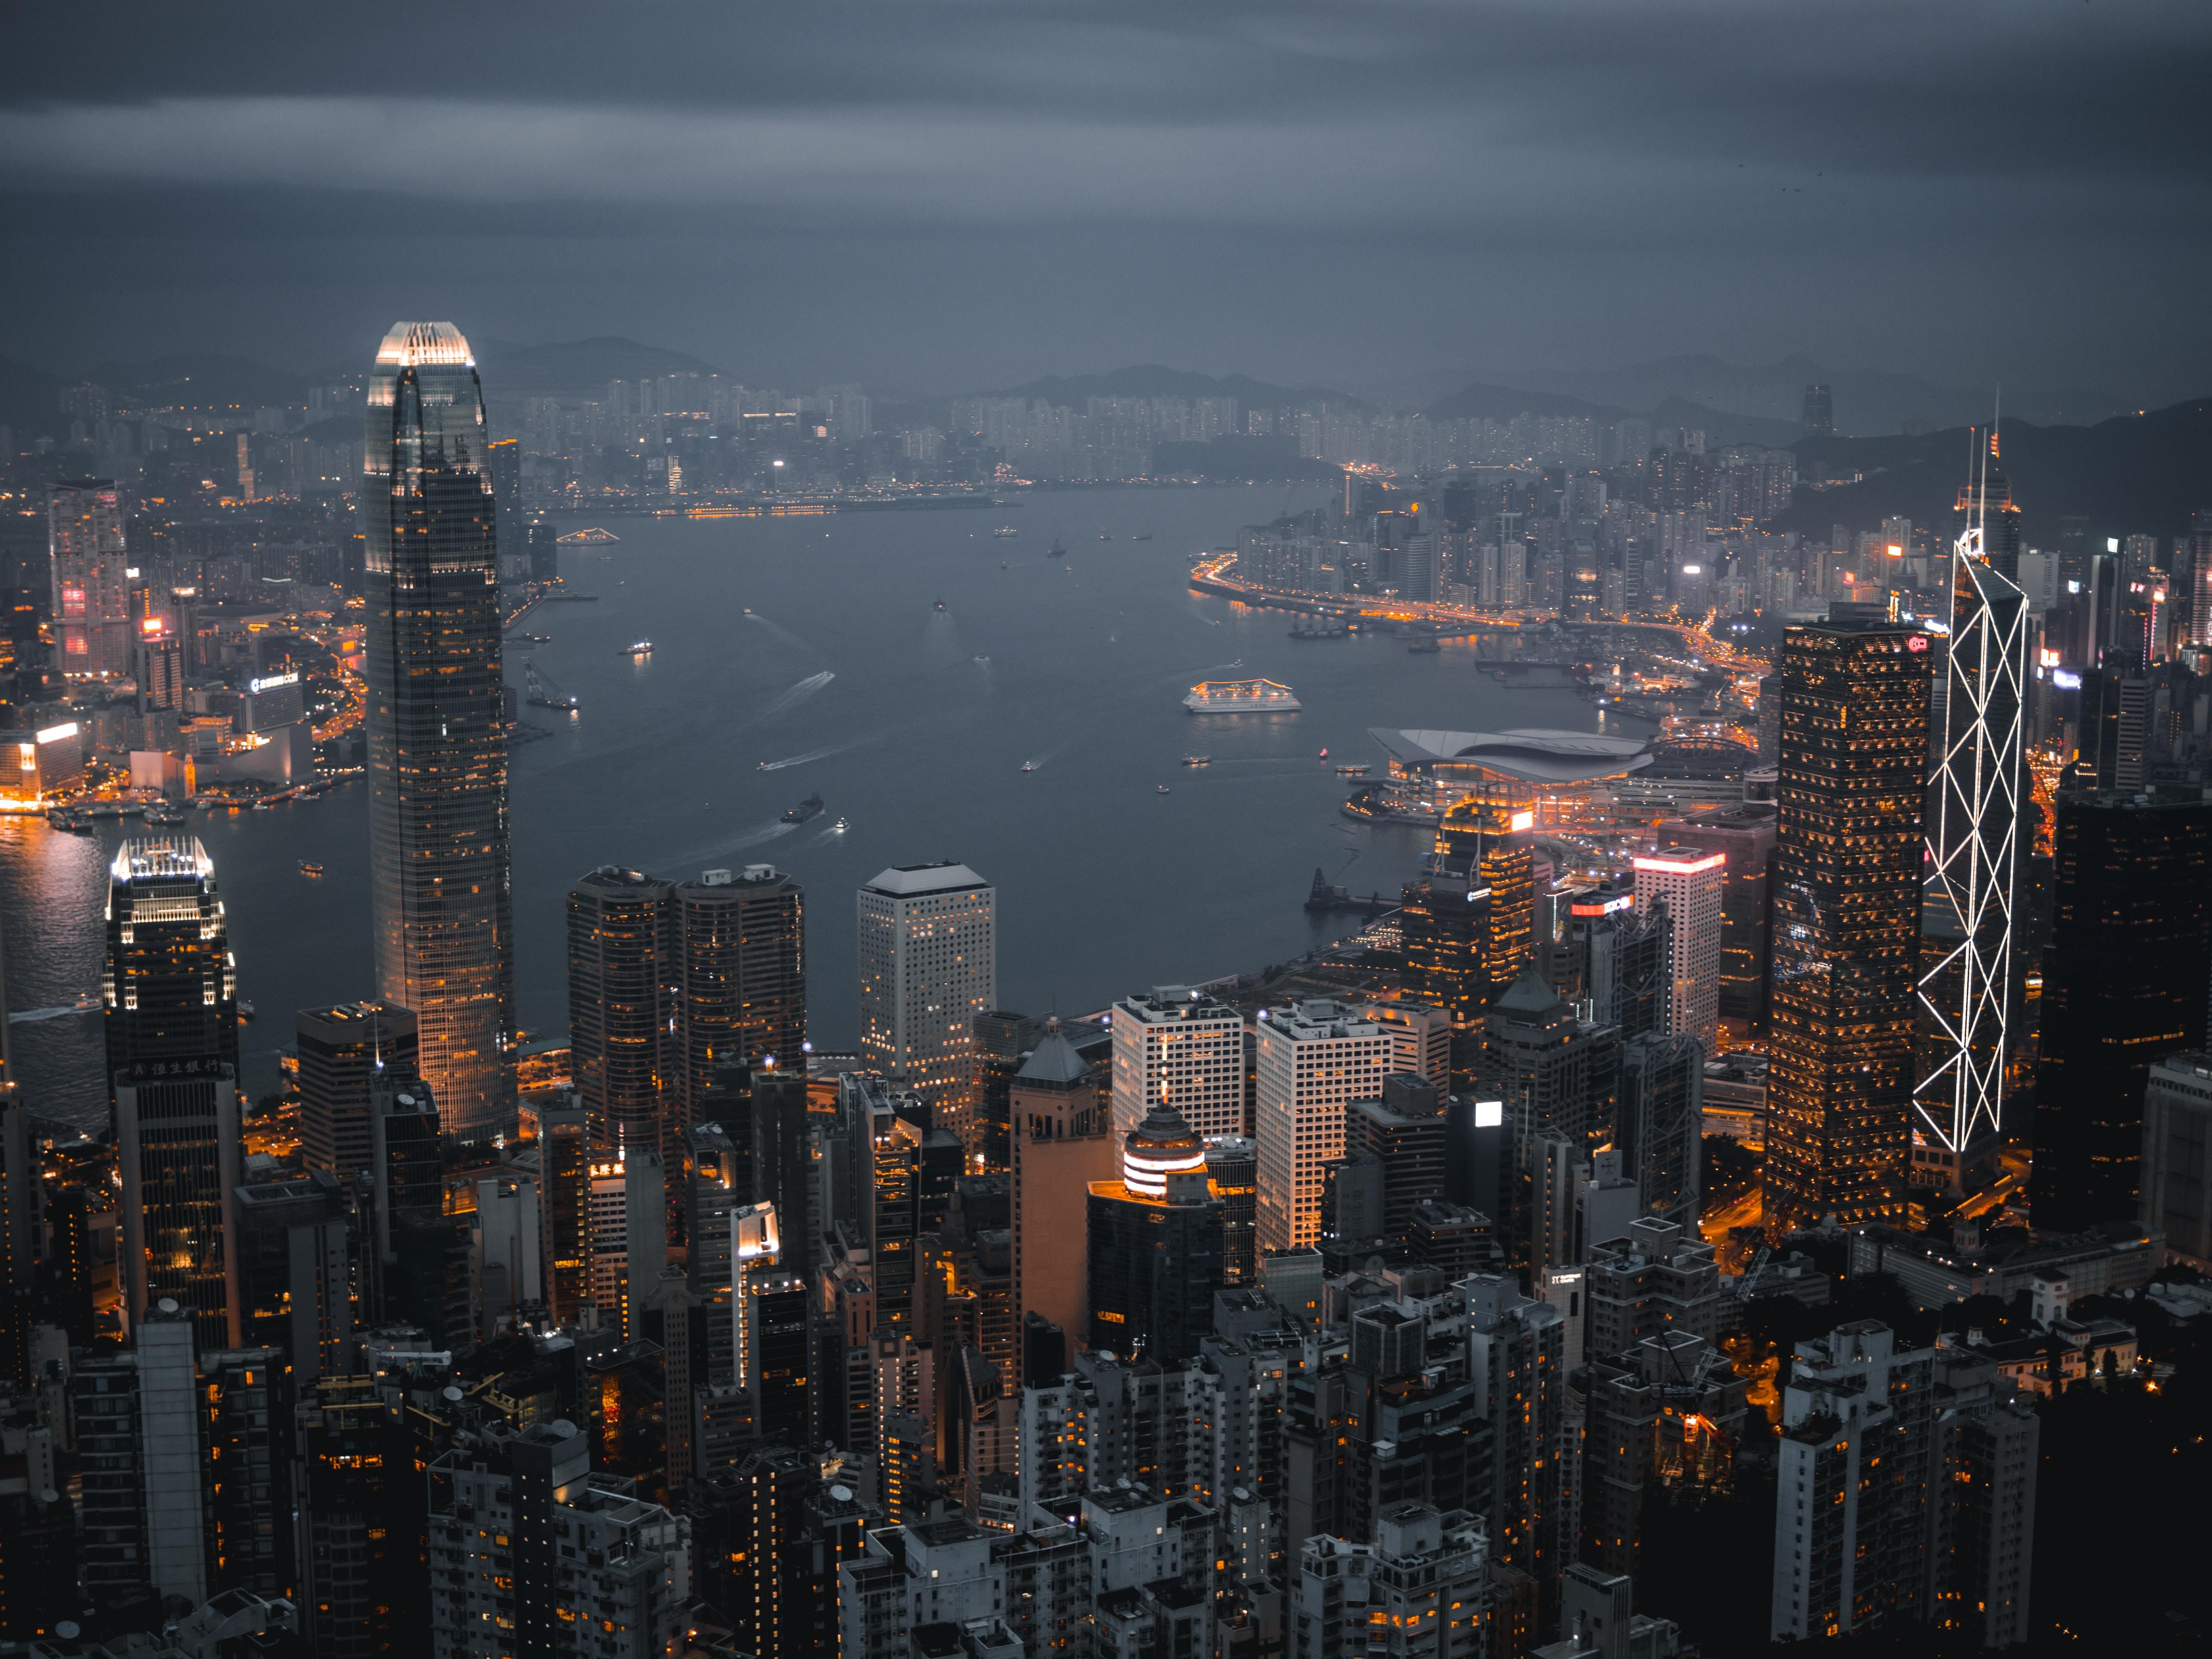 143273 Заставки и Обои Города на телефон. Скачать Ночной Город, Небоскребы, Огни Города, Гонконг, Города картинки бесплатно